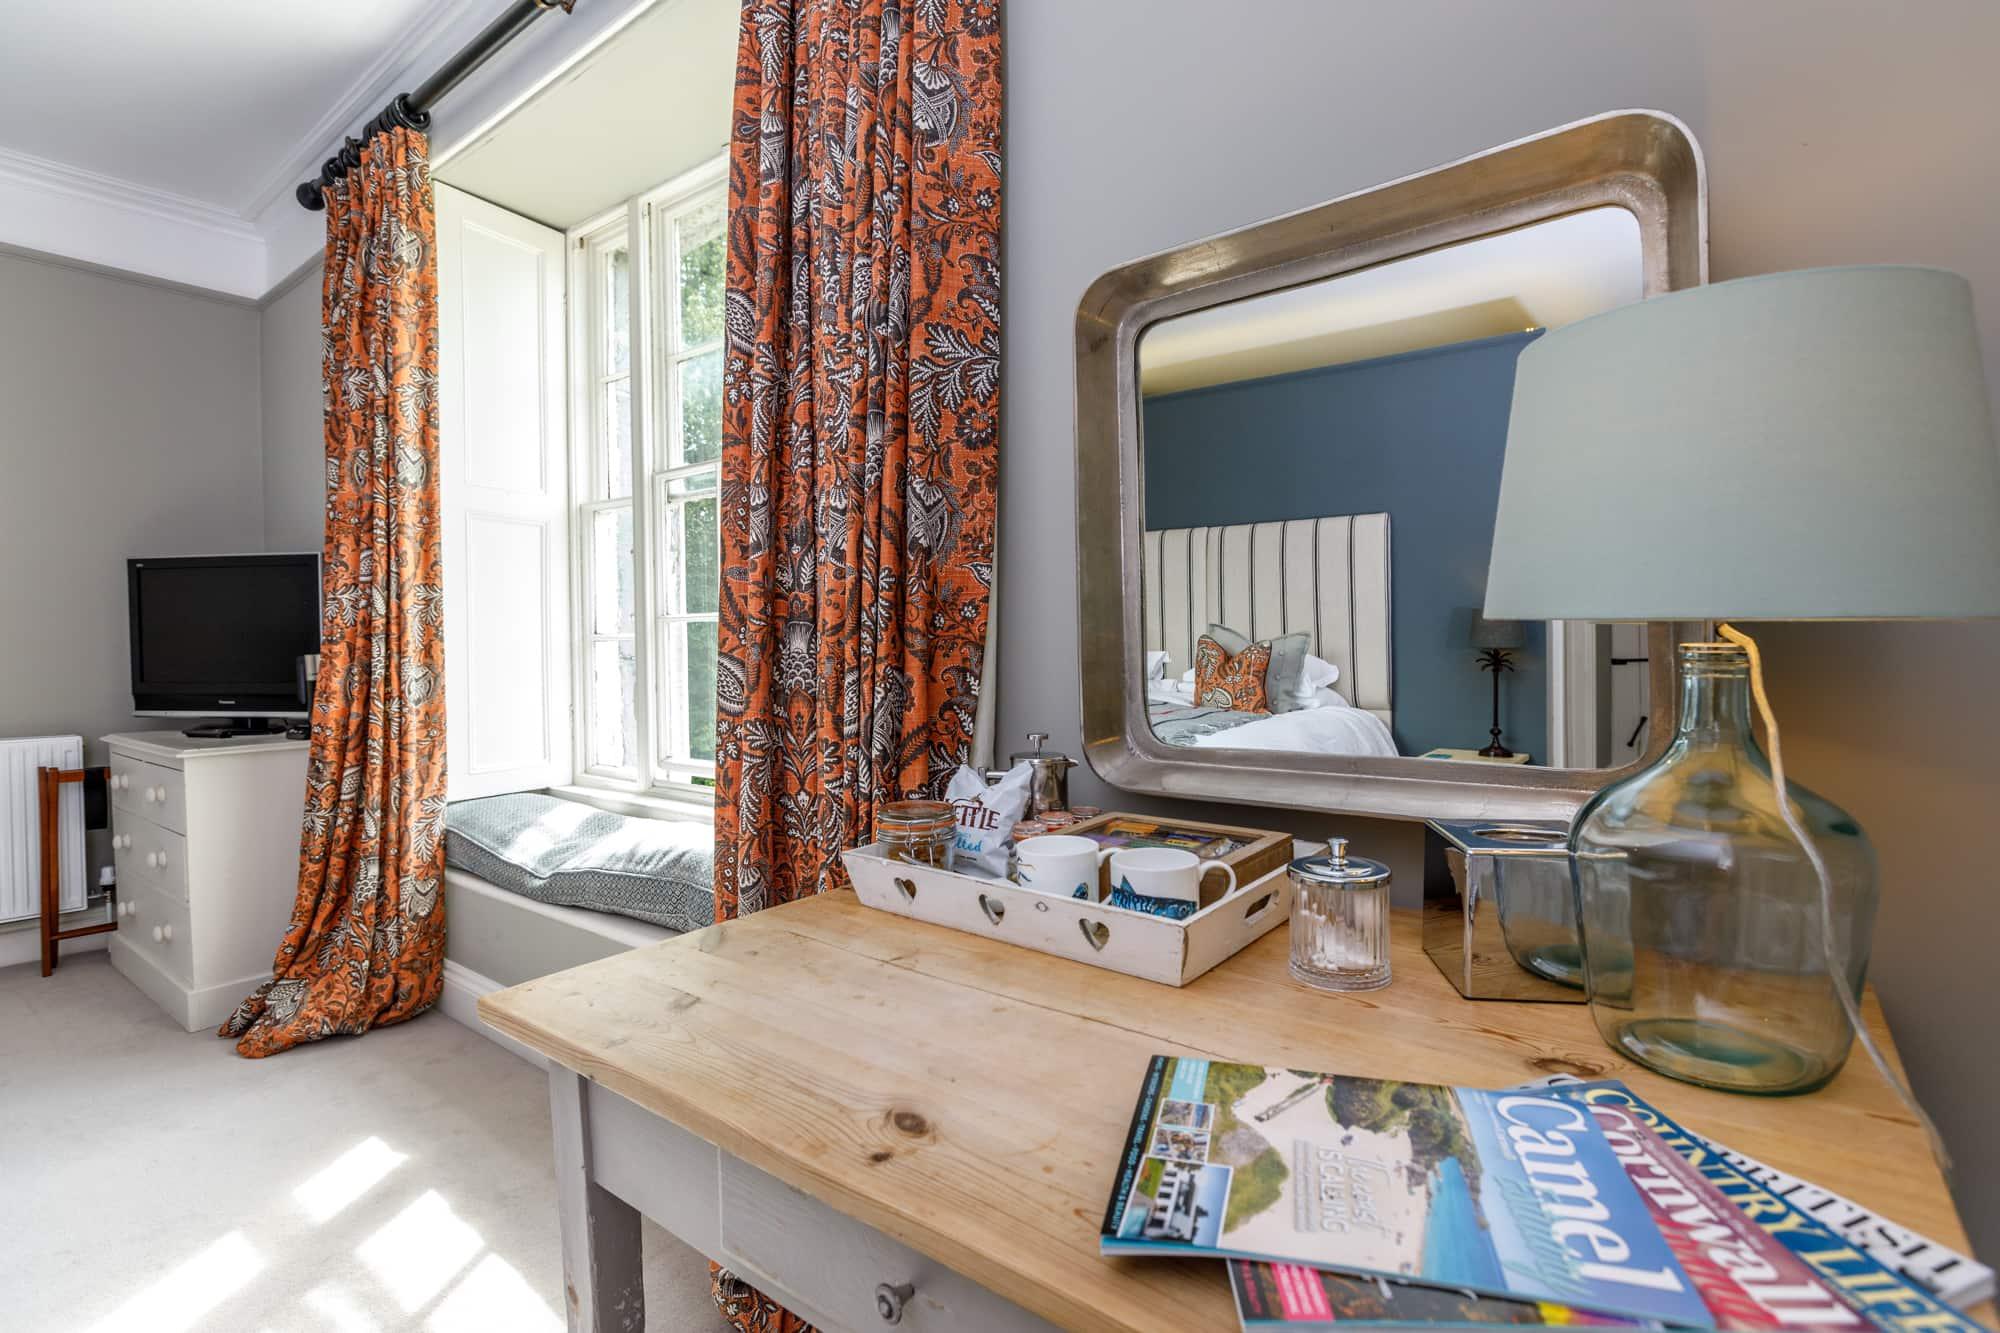 Trevone - Desk and window-pichi